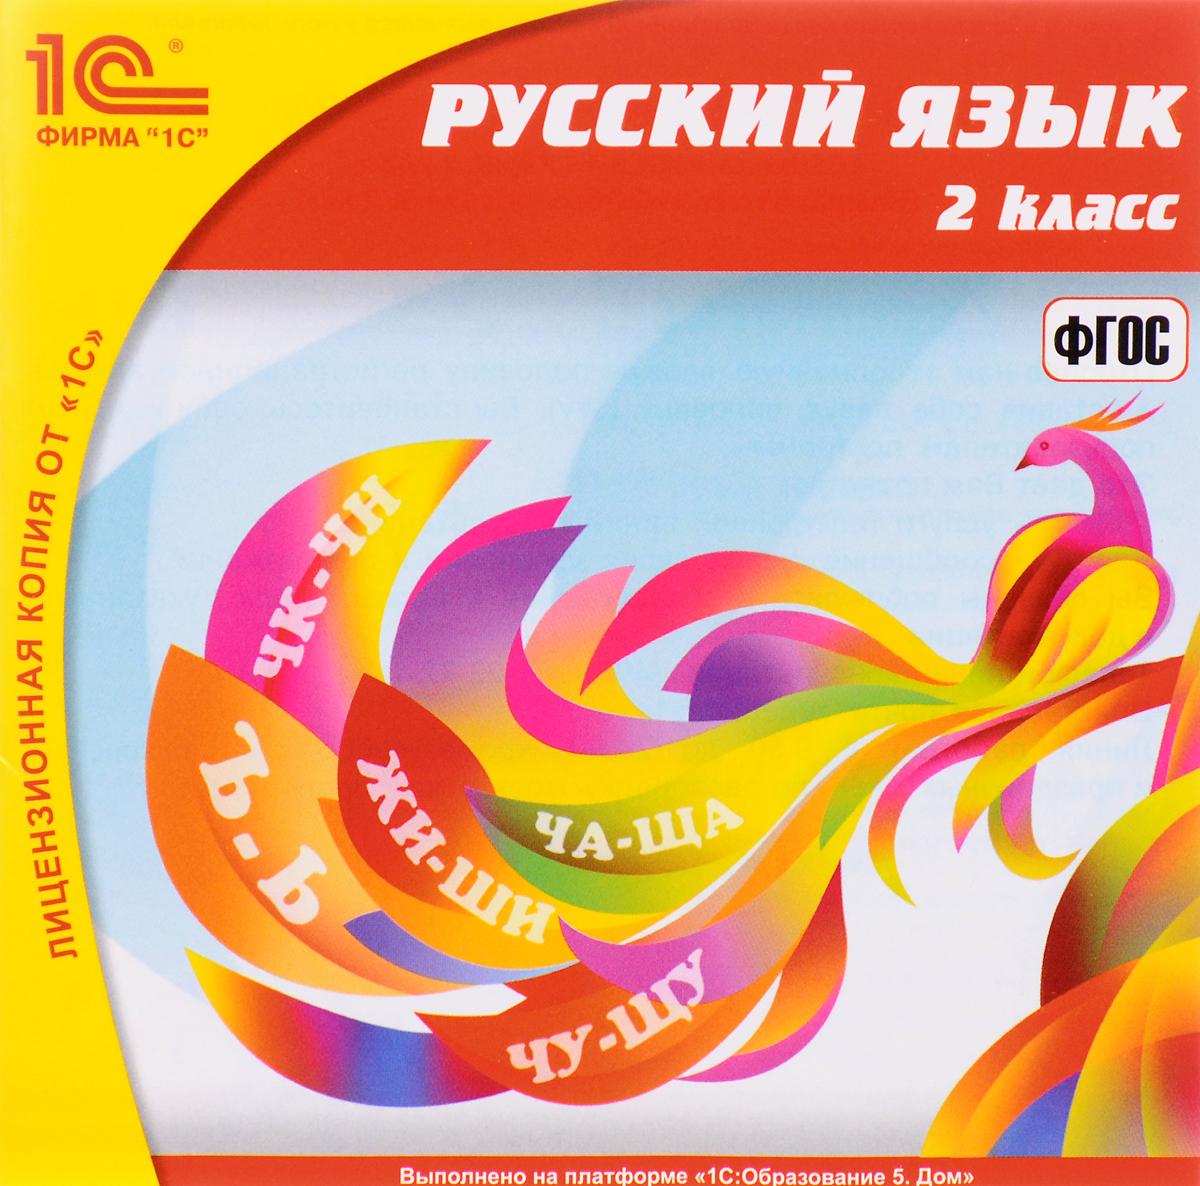 1С:Школа. Русский язык. 2 класс